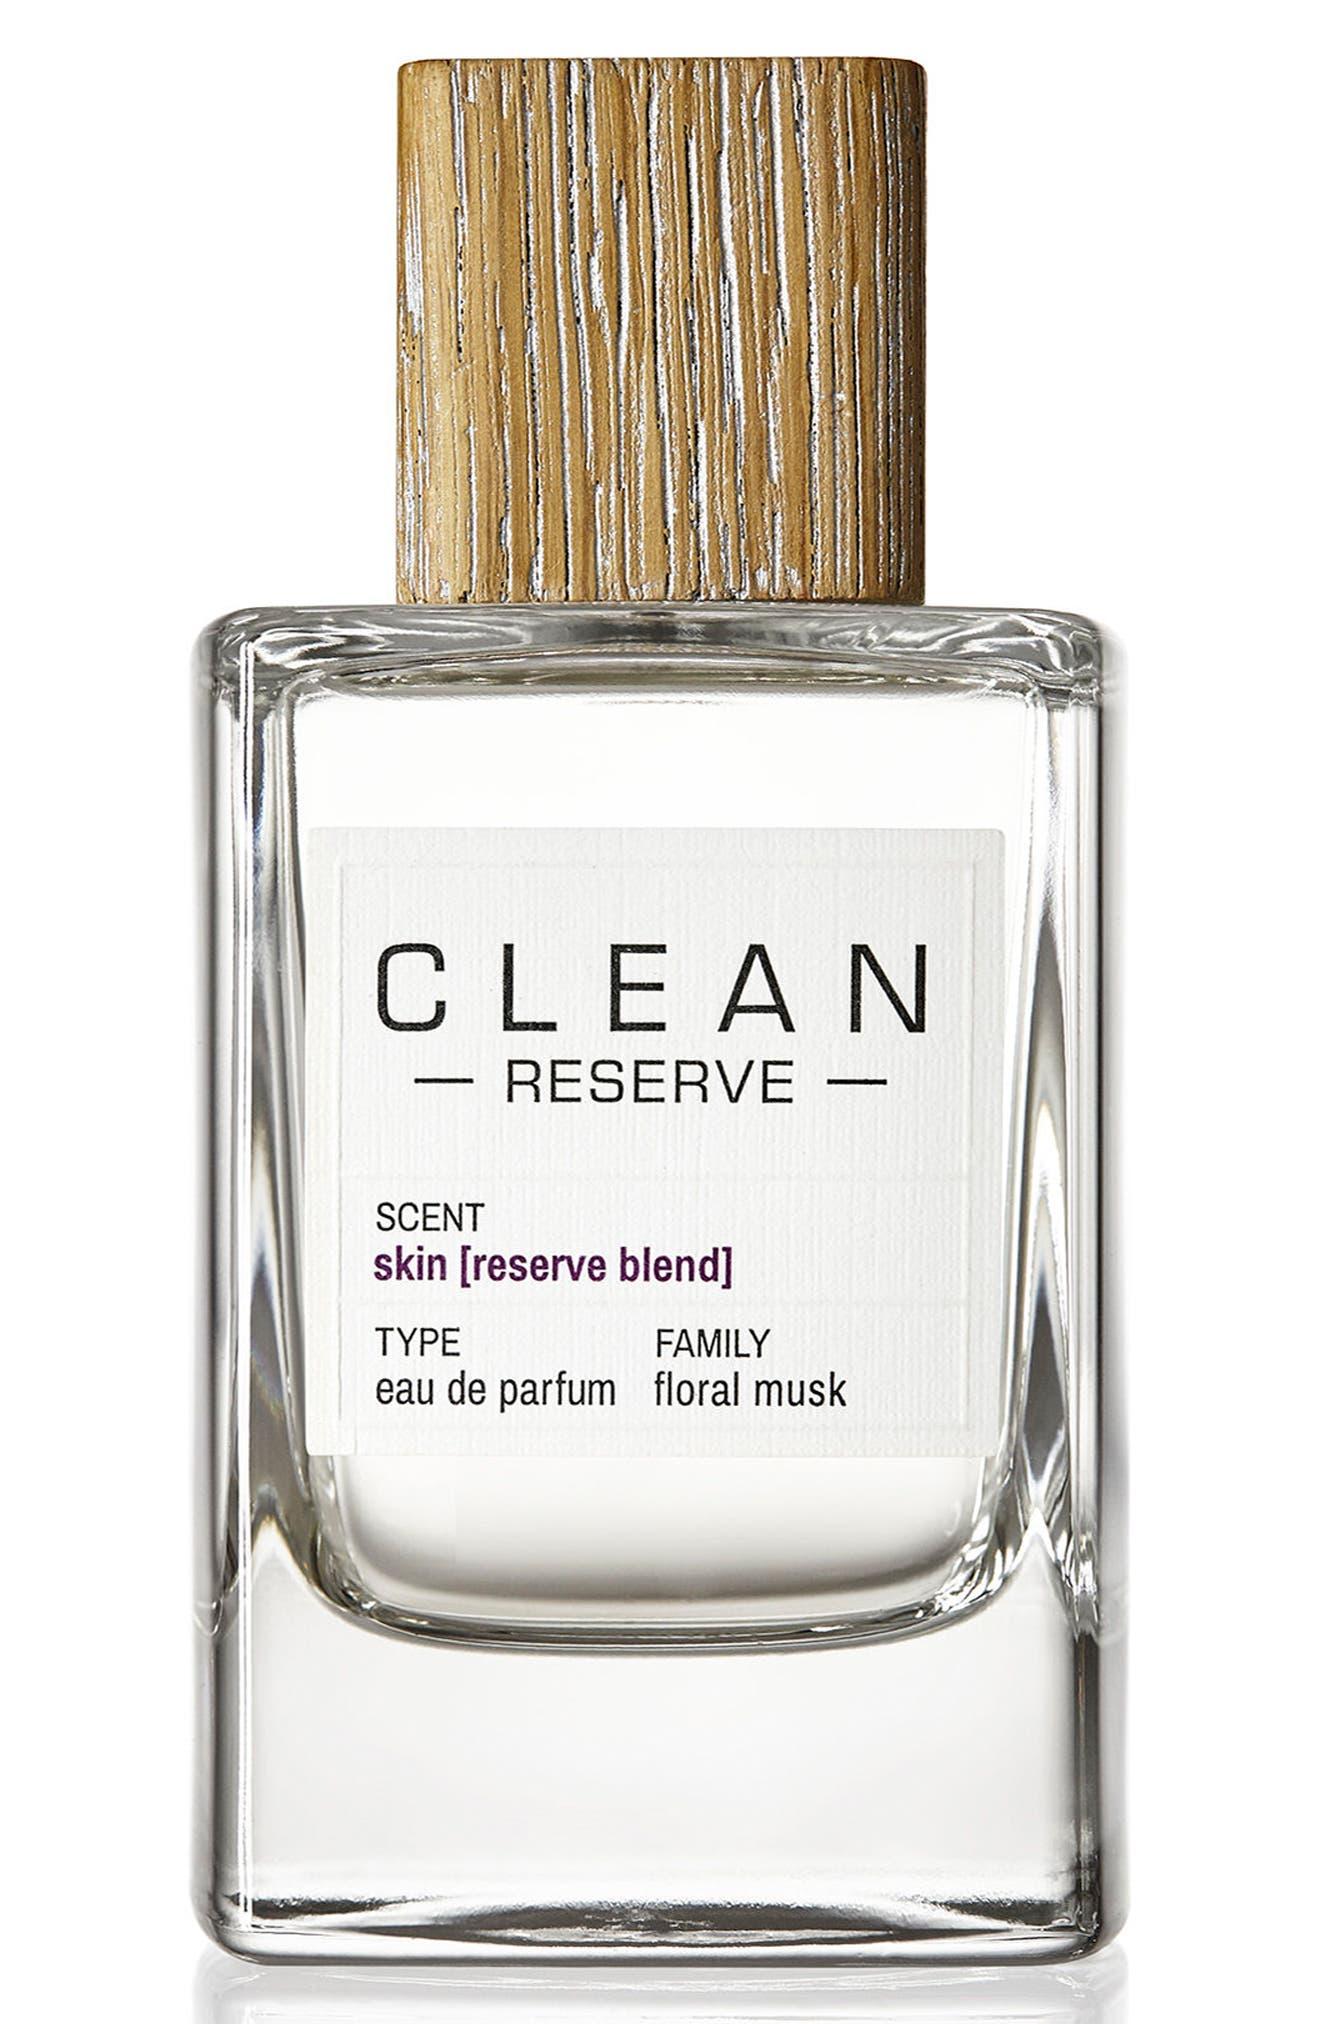 Clean Reserve Reserve Blend Skin Eau de Parfum